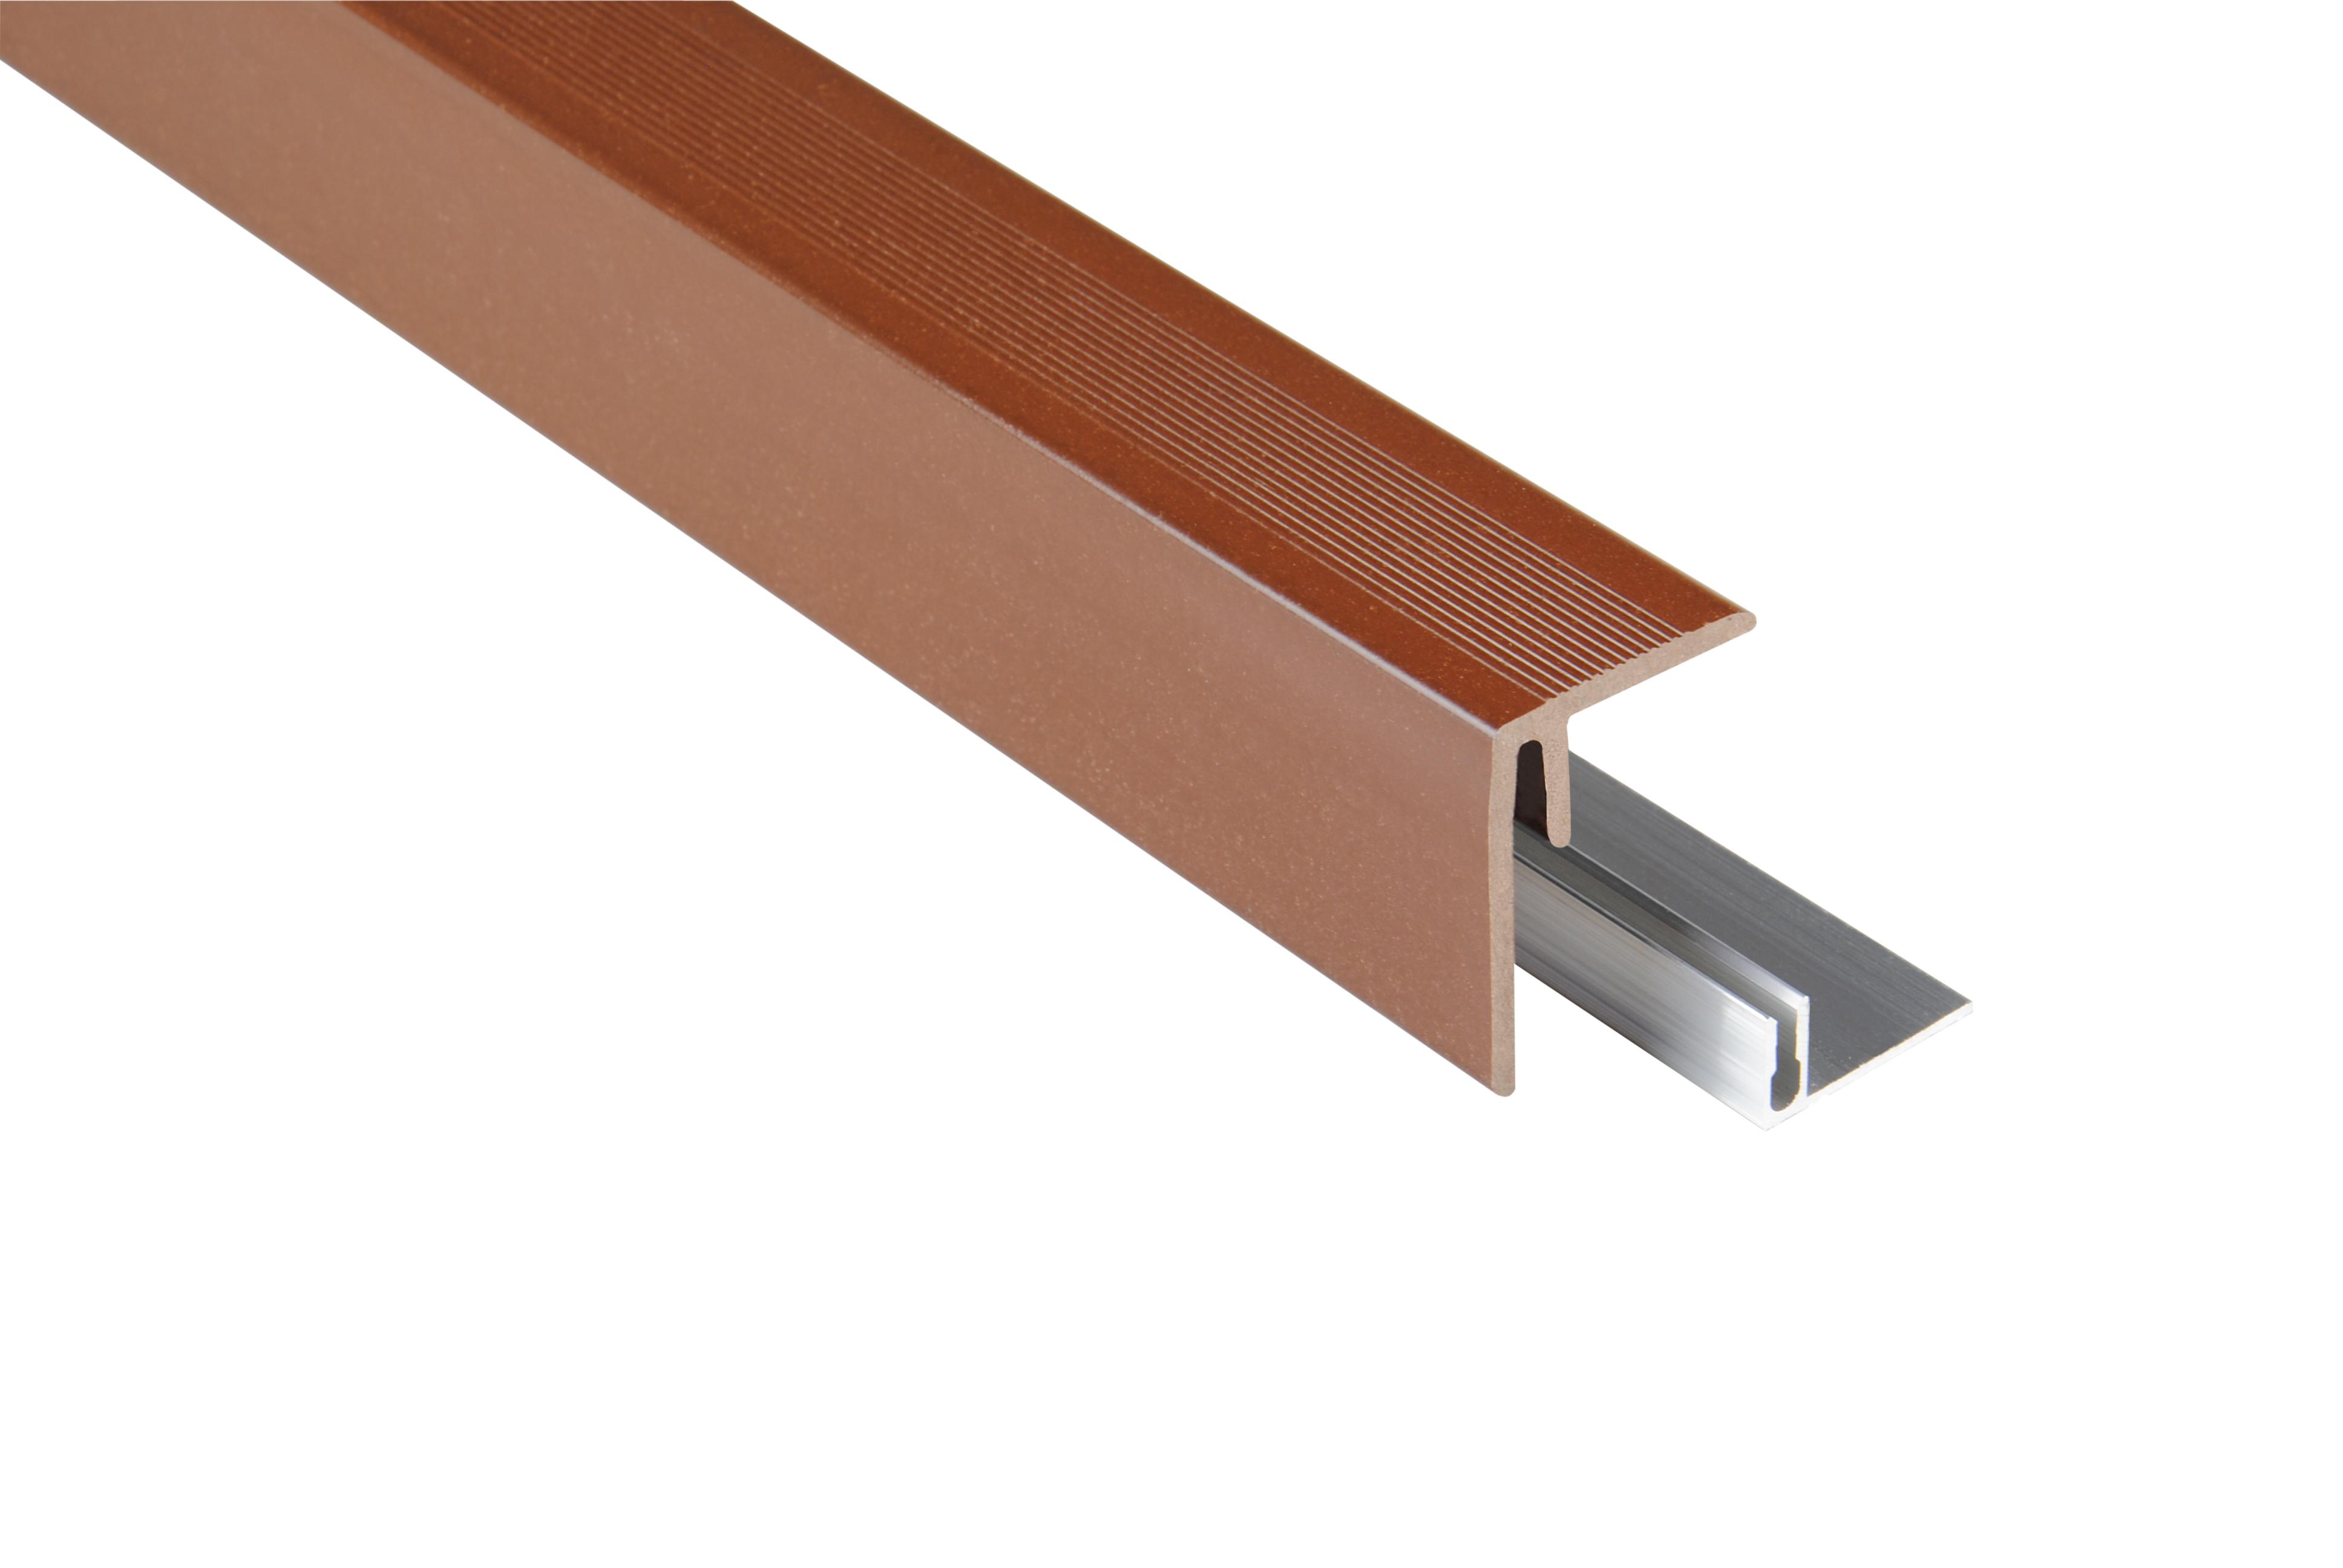 Kovalex WPC Seitenabschluss inkl. Befestigungsprofil - Farbe: Braun unbehandelt - Abmessung: 47x62x2.500 mm - Nur für Terrassendielen mit einer Stärke von 26 mm geeignet